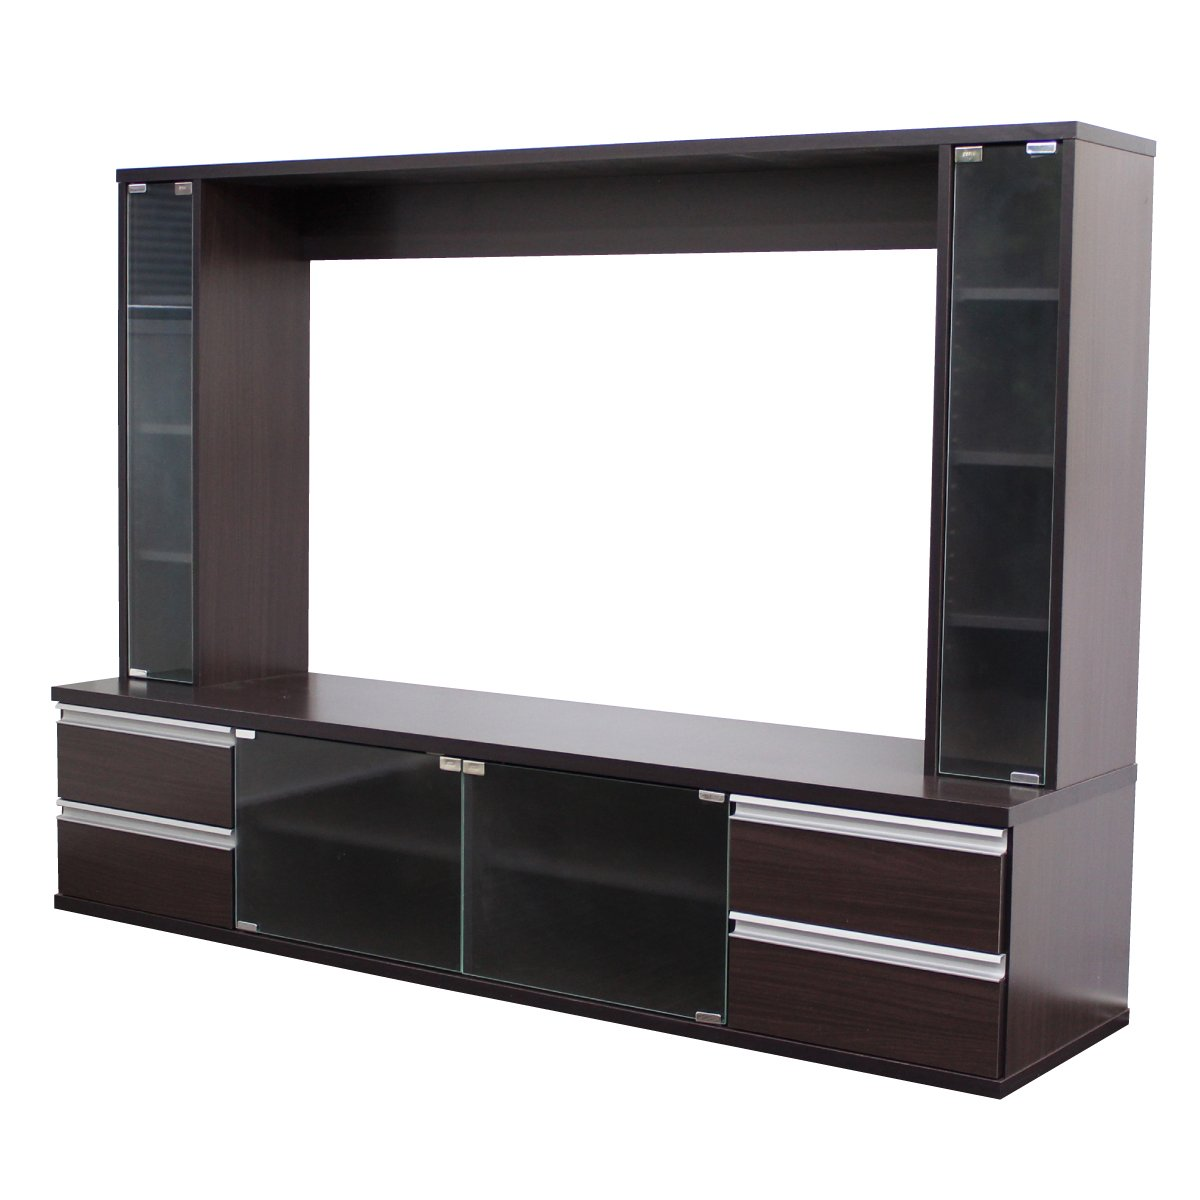 テレビ台 60インチ対応 大型テレビ台 60型 ゲート型 AVボード ダークブラウン TVボード TCP301-DBR J-Supply B079PKBGW7